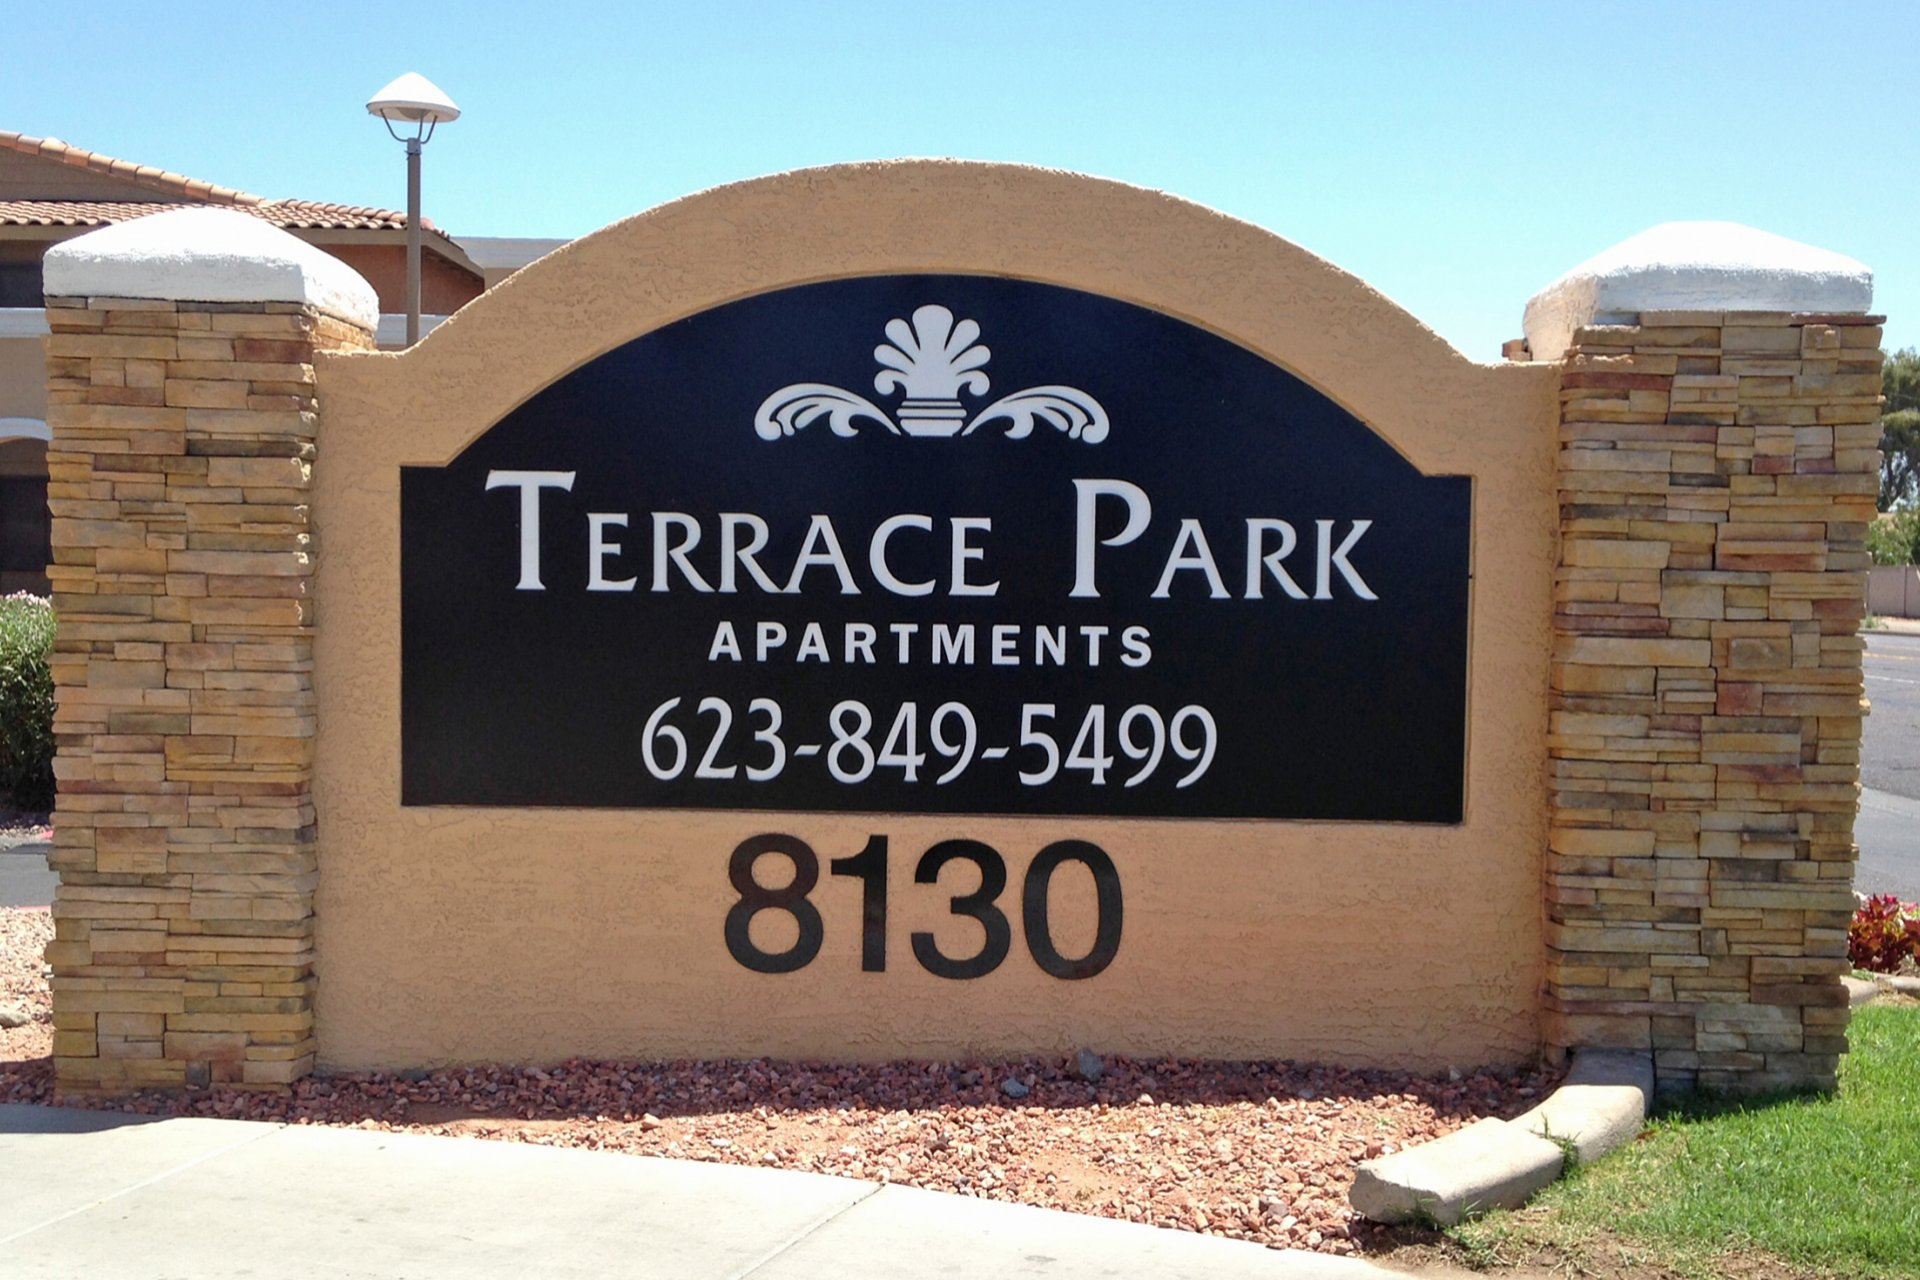 Terrace Park